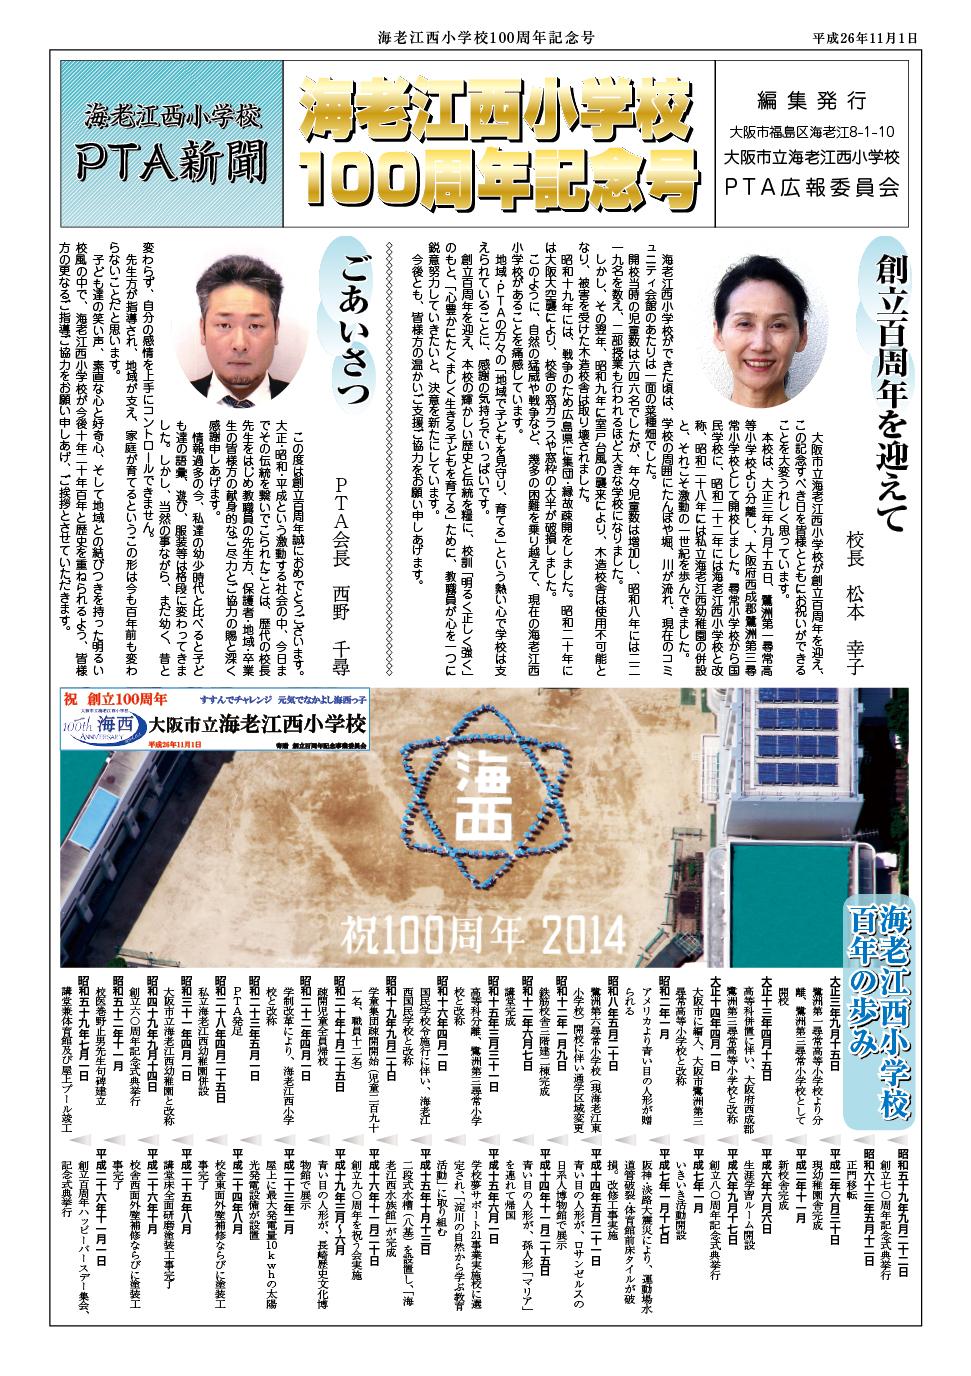 海老江西小学校100周年記念 PTA新聞